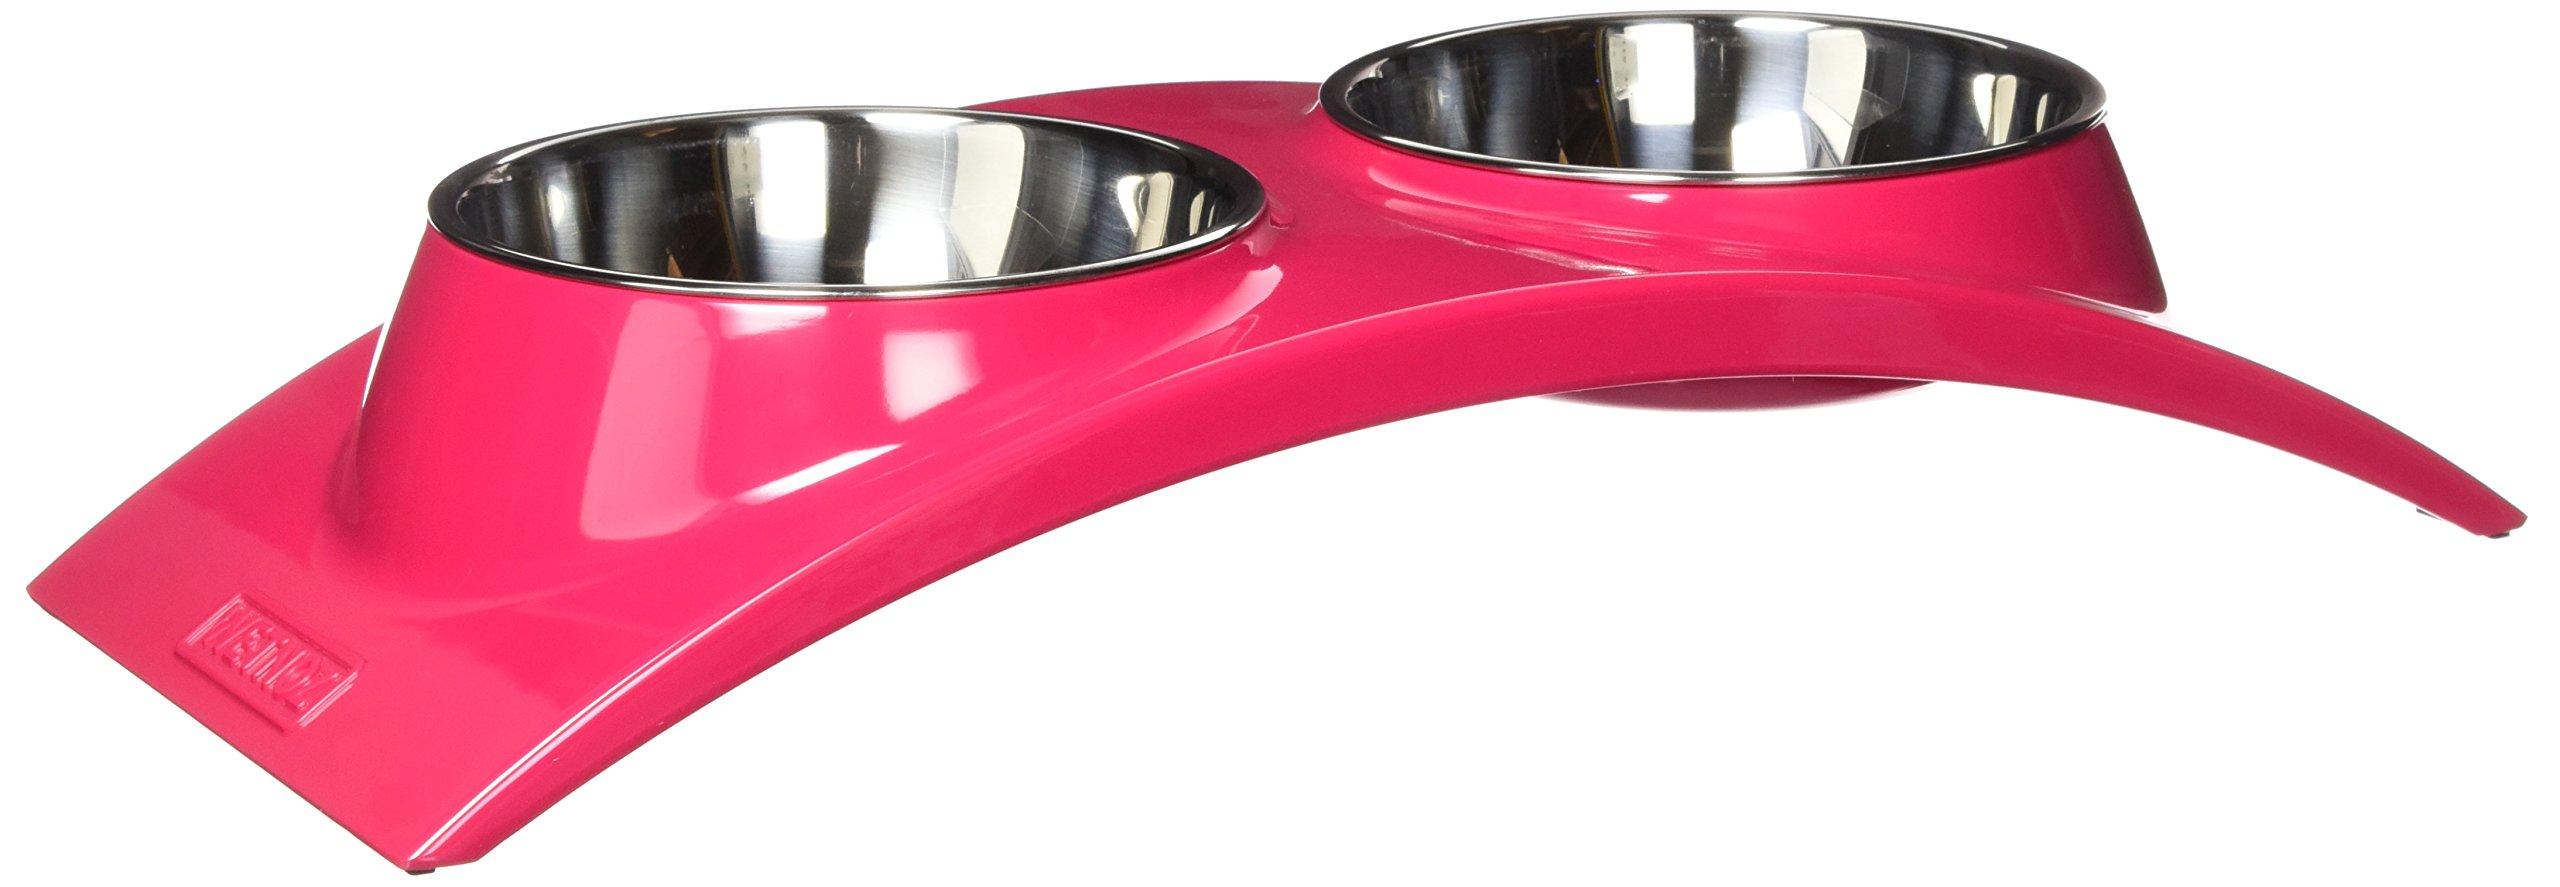 Wetnoz 23900 Arc Diner for Pets, Medium, Hibiscus